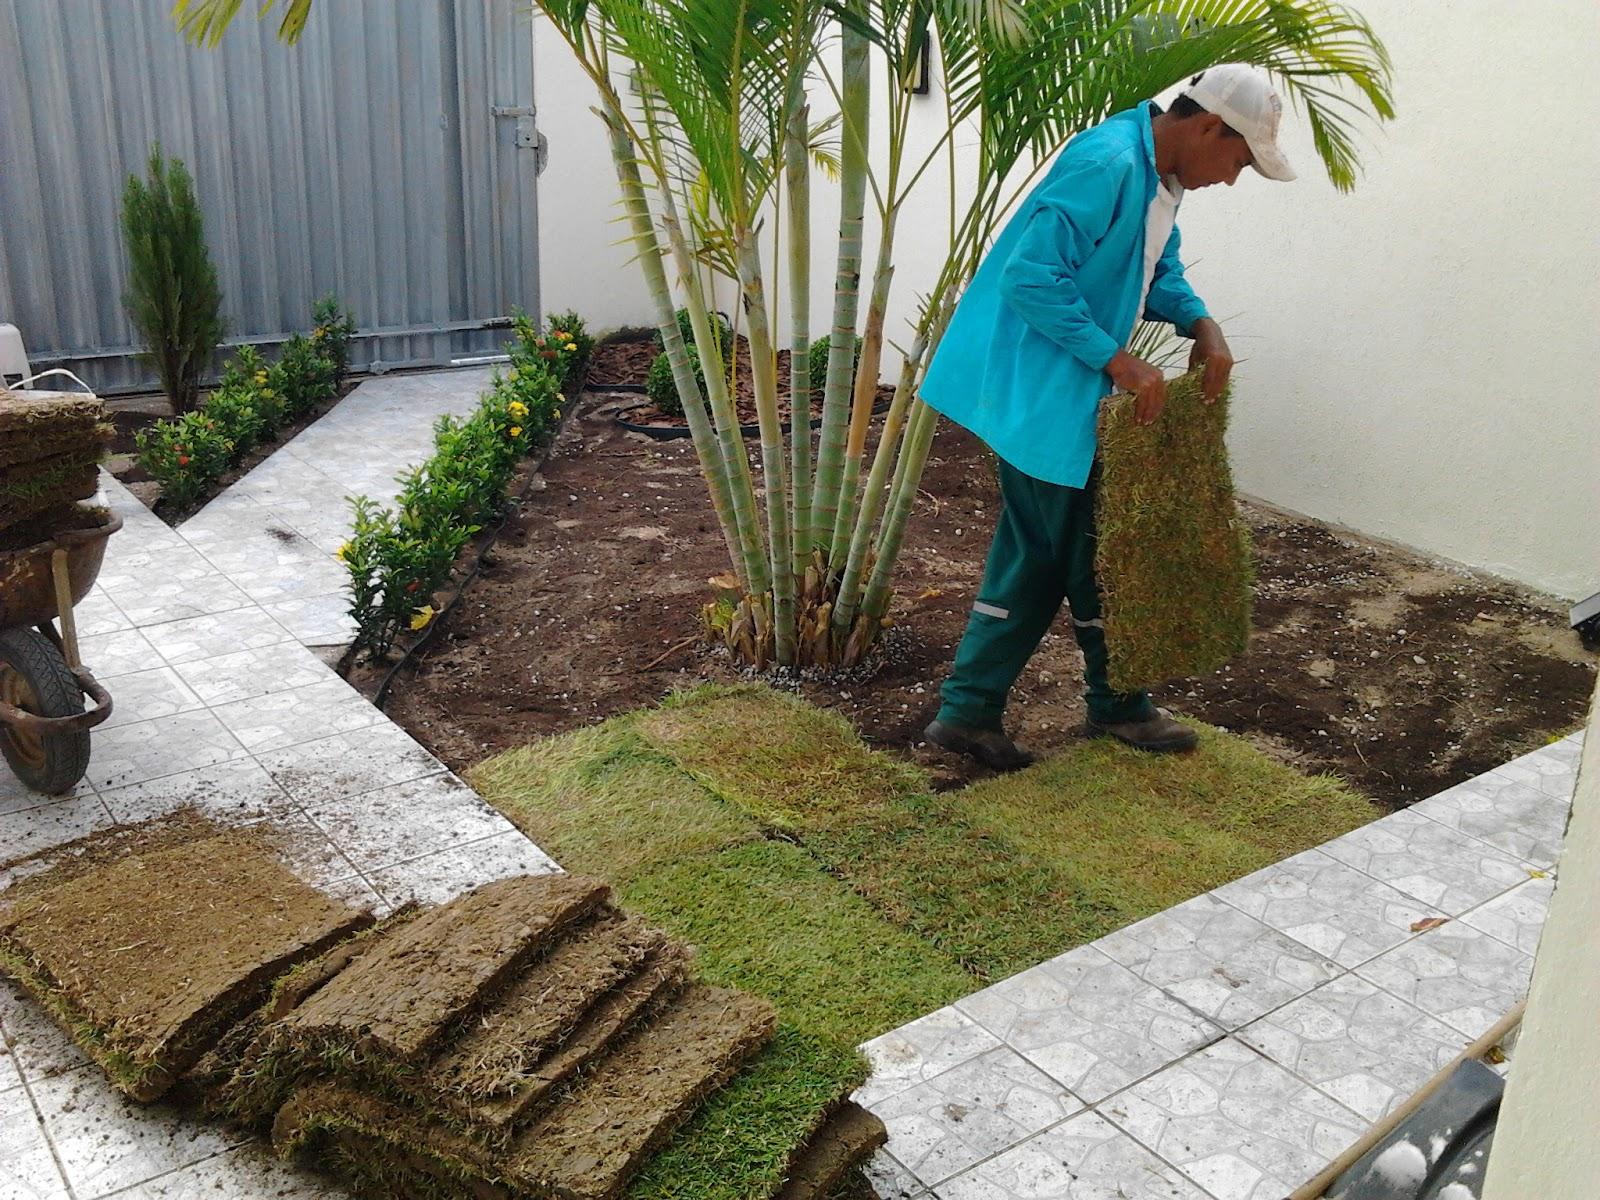 fotos jardim paisagismo:Real – Paisagismo: Jardim na Residência do Advogado Dr. André Luís